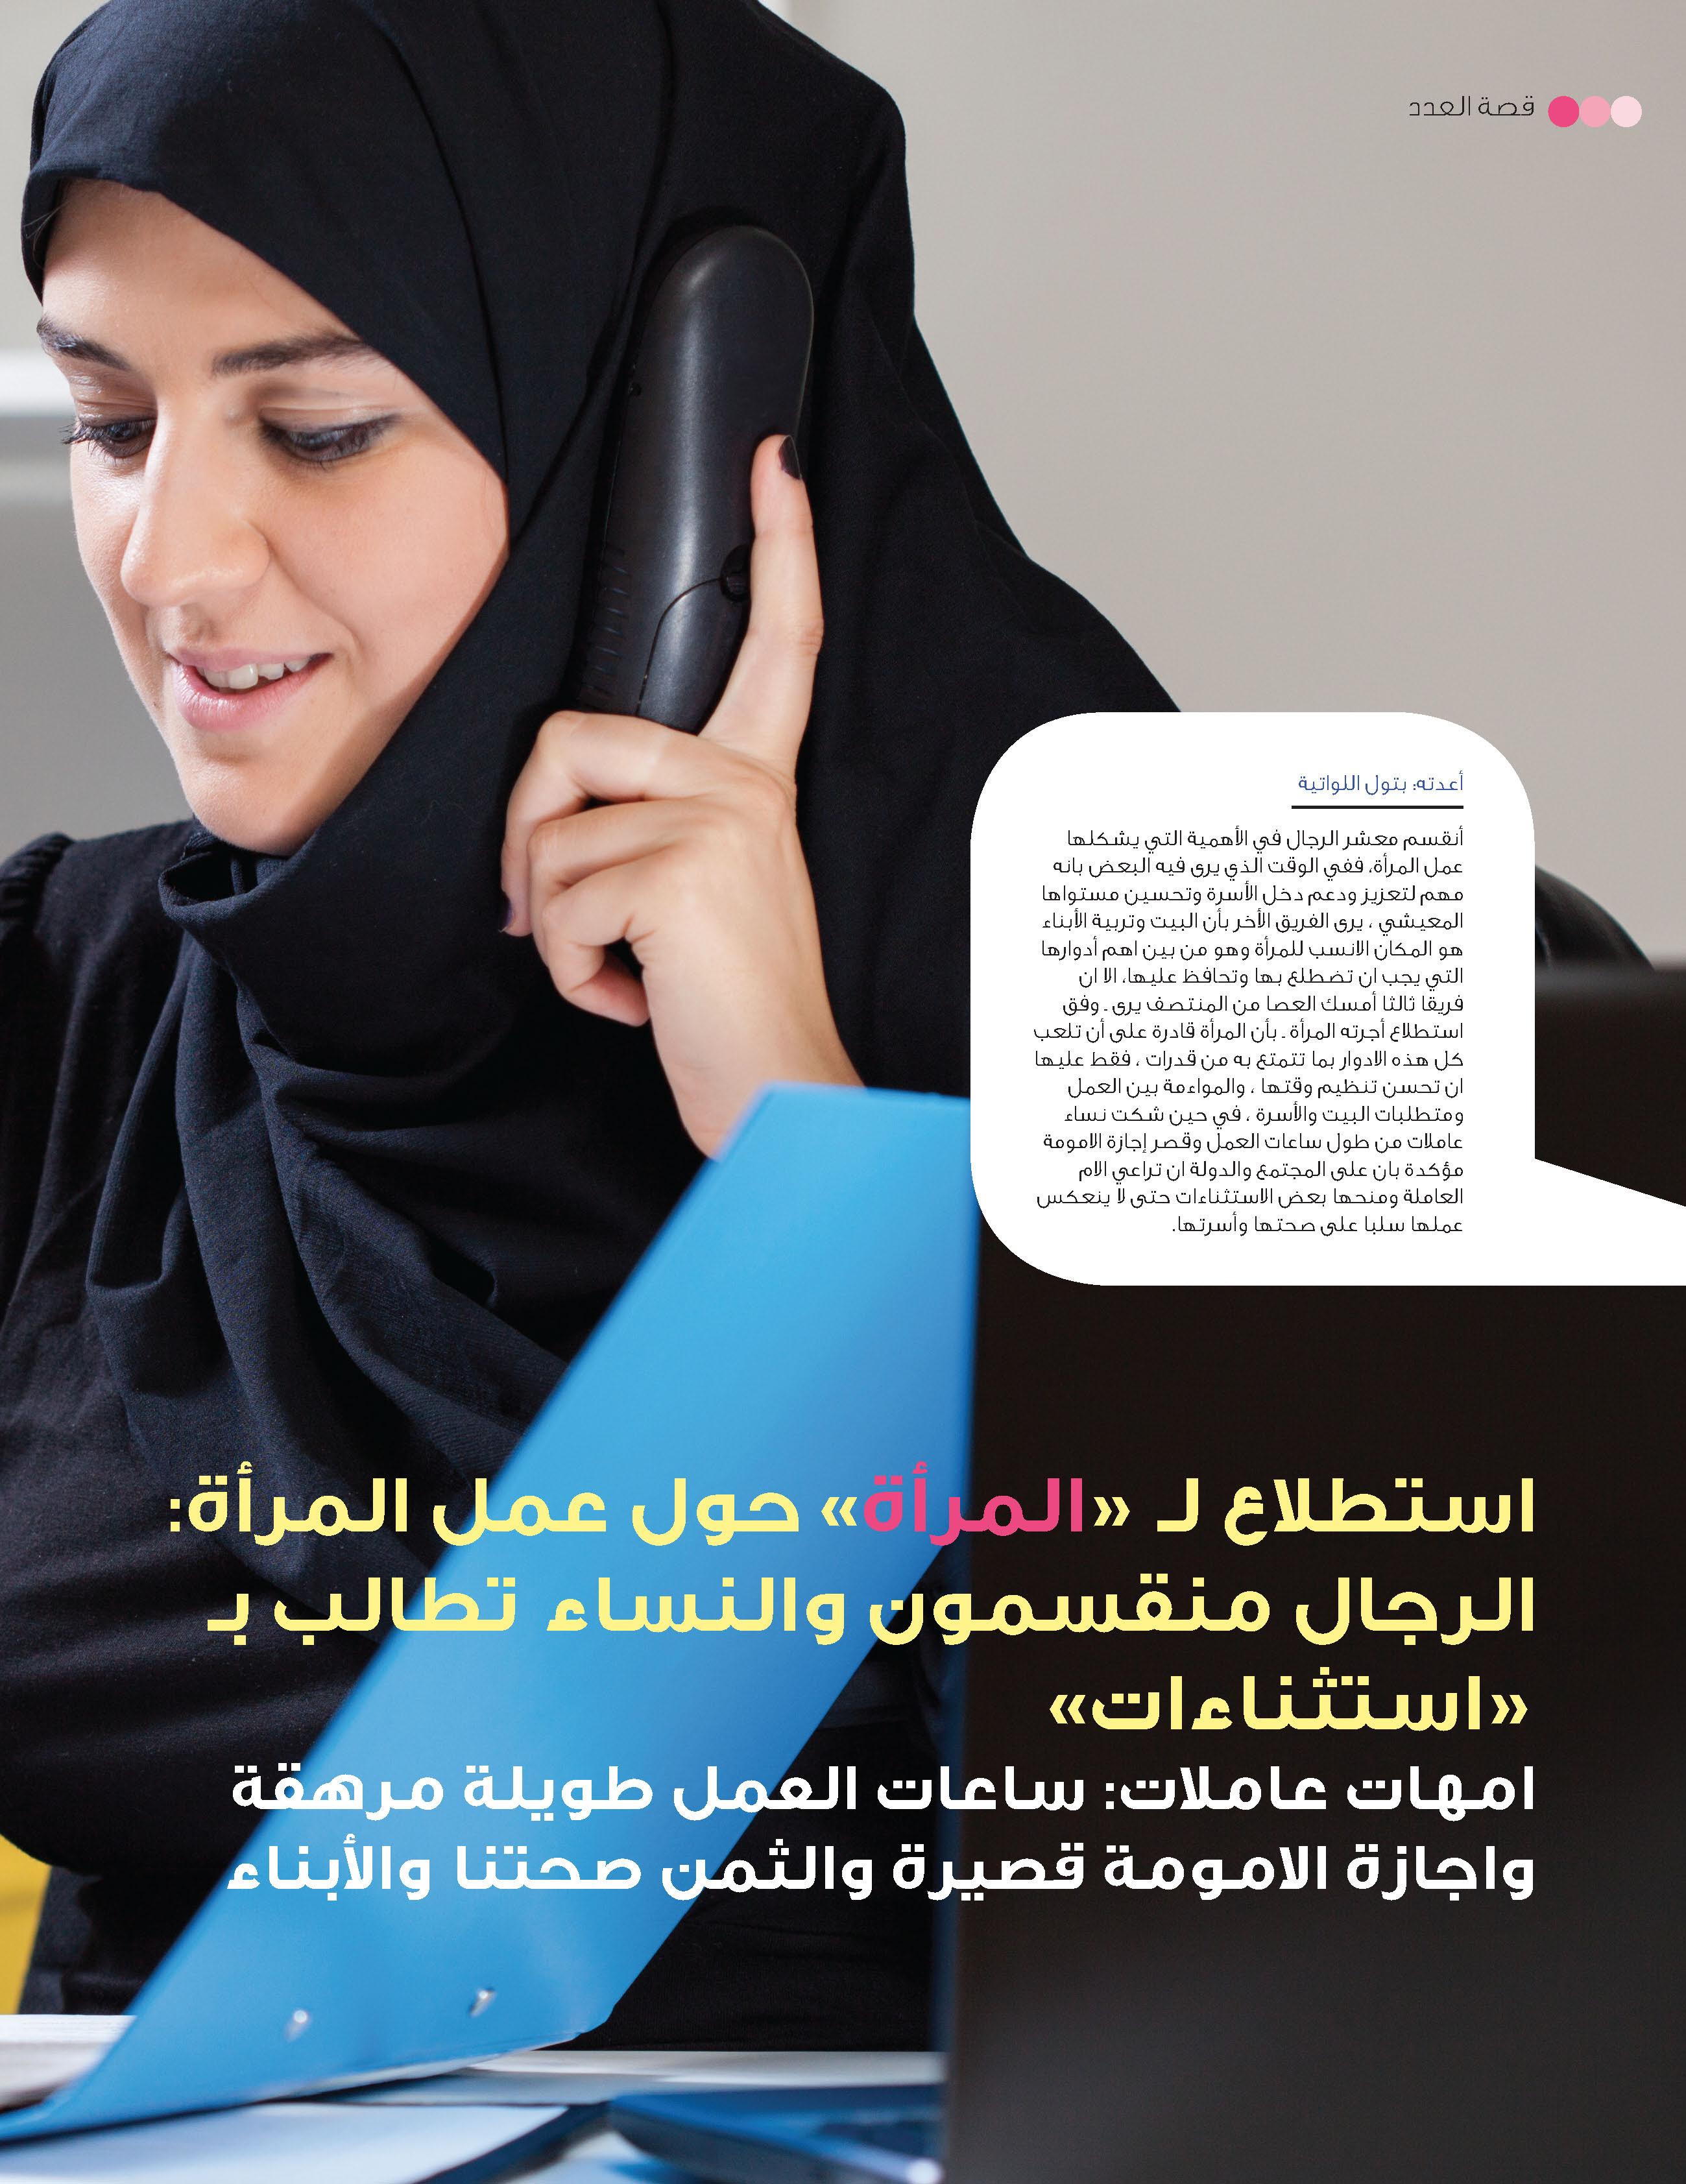 almara_page_38